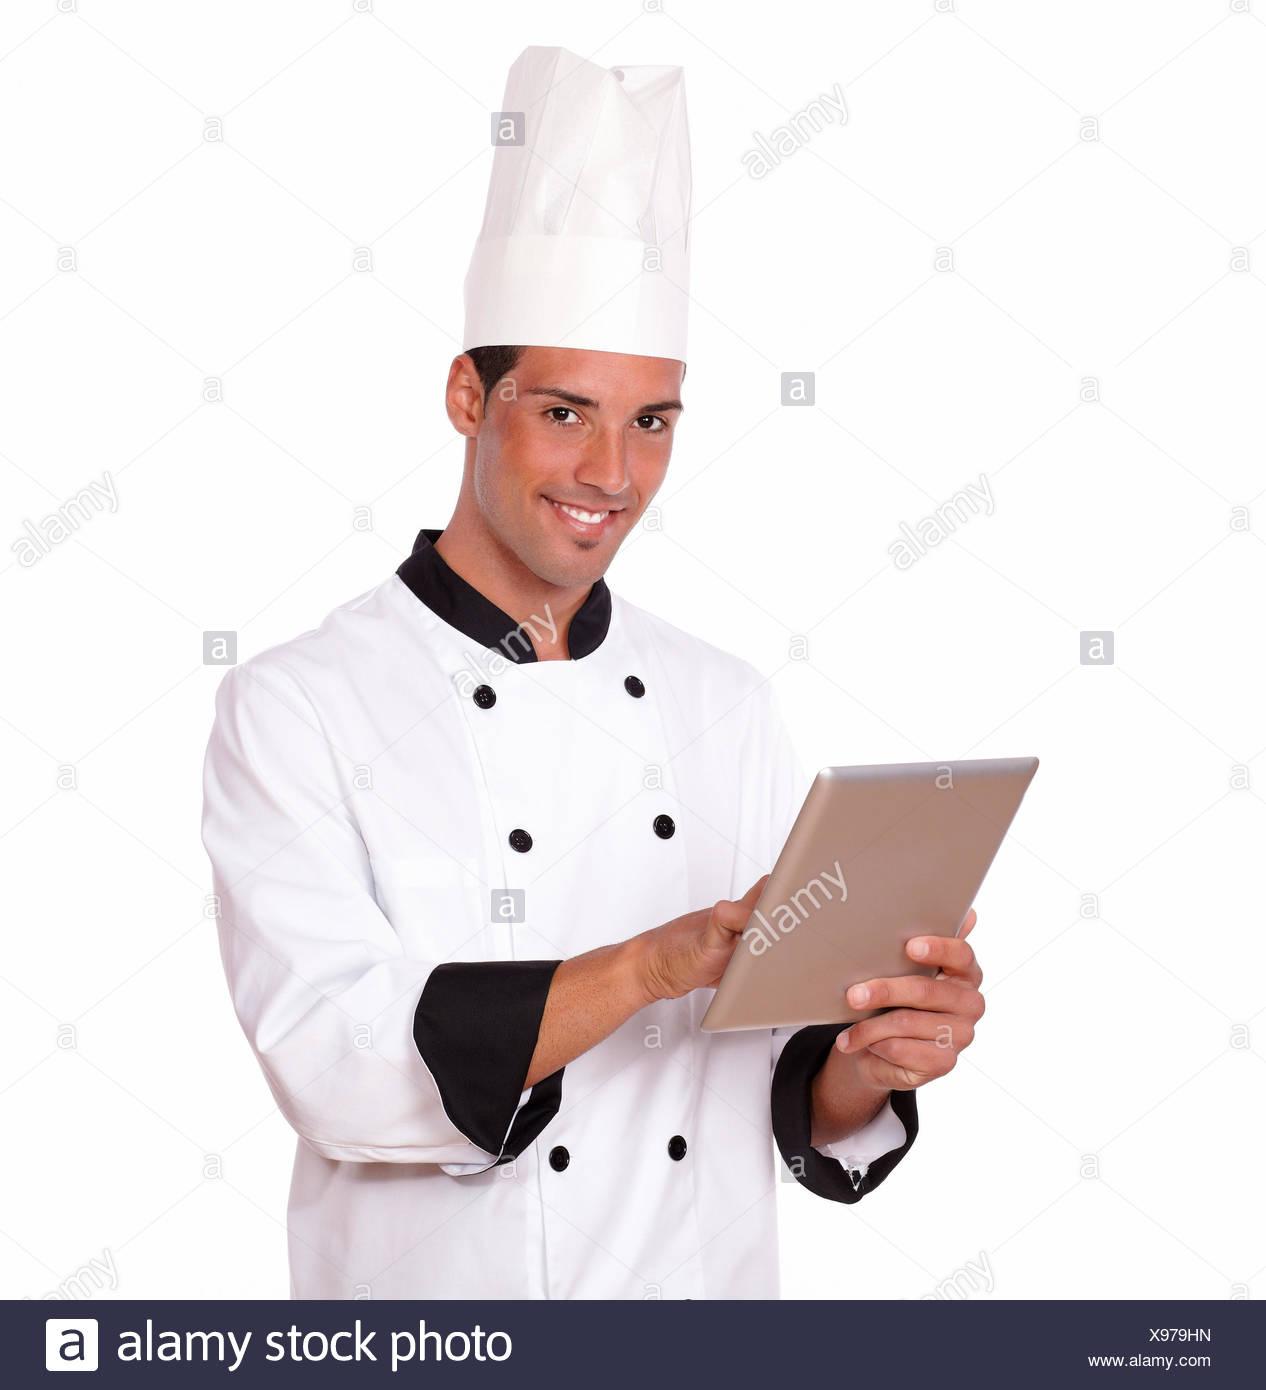 Portrait Professional 20 s Koch Mann auf weiße Uniform mit seinem tablet pc während sie lächelnd auf isolierten Studio. Stockbild